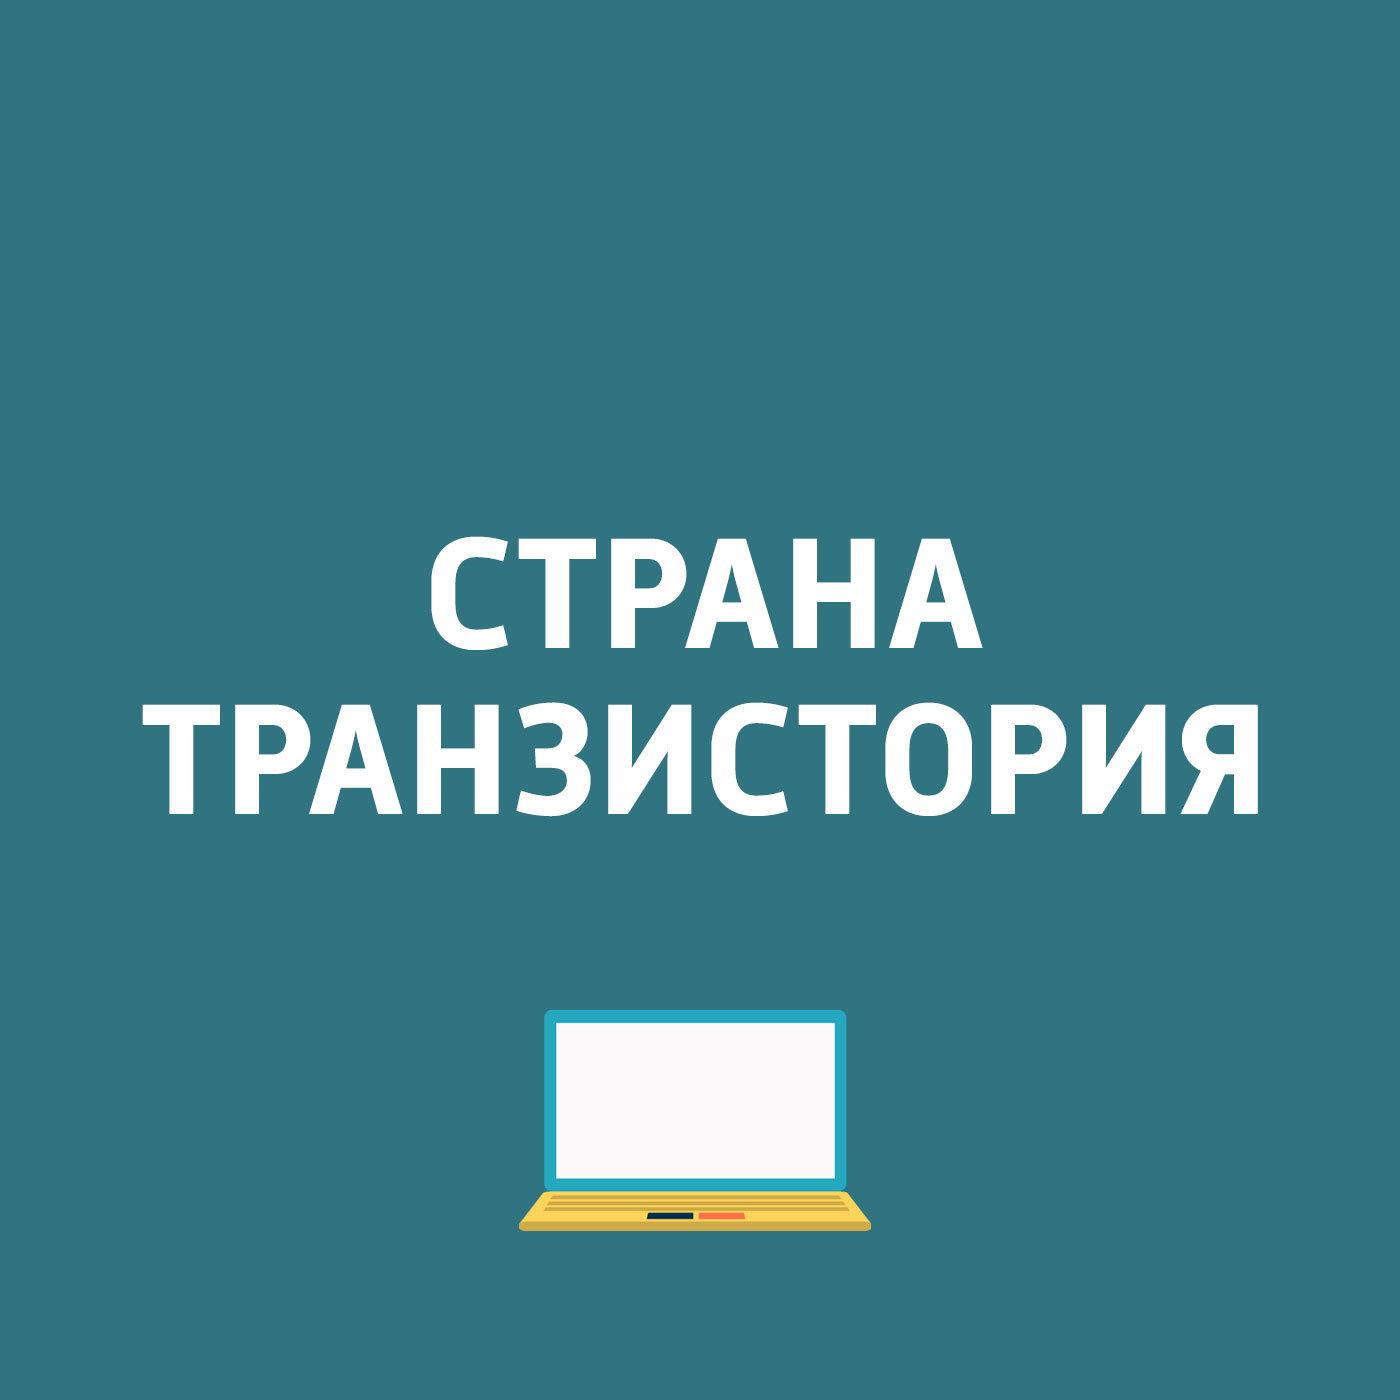 Картаев Павел «Мосфильм» опубликует фильмы «ВКонтакте; Nintendo представила новую игровую консоль... картаев павел девушкам нравятся любители салатов